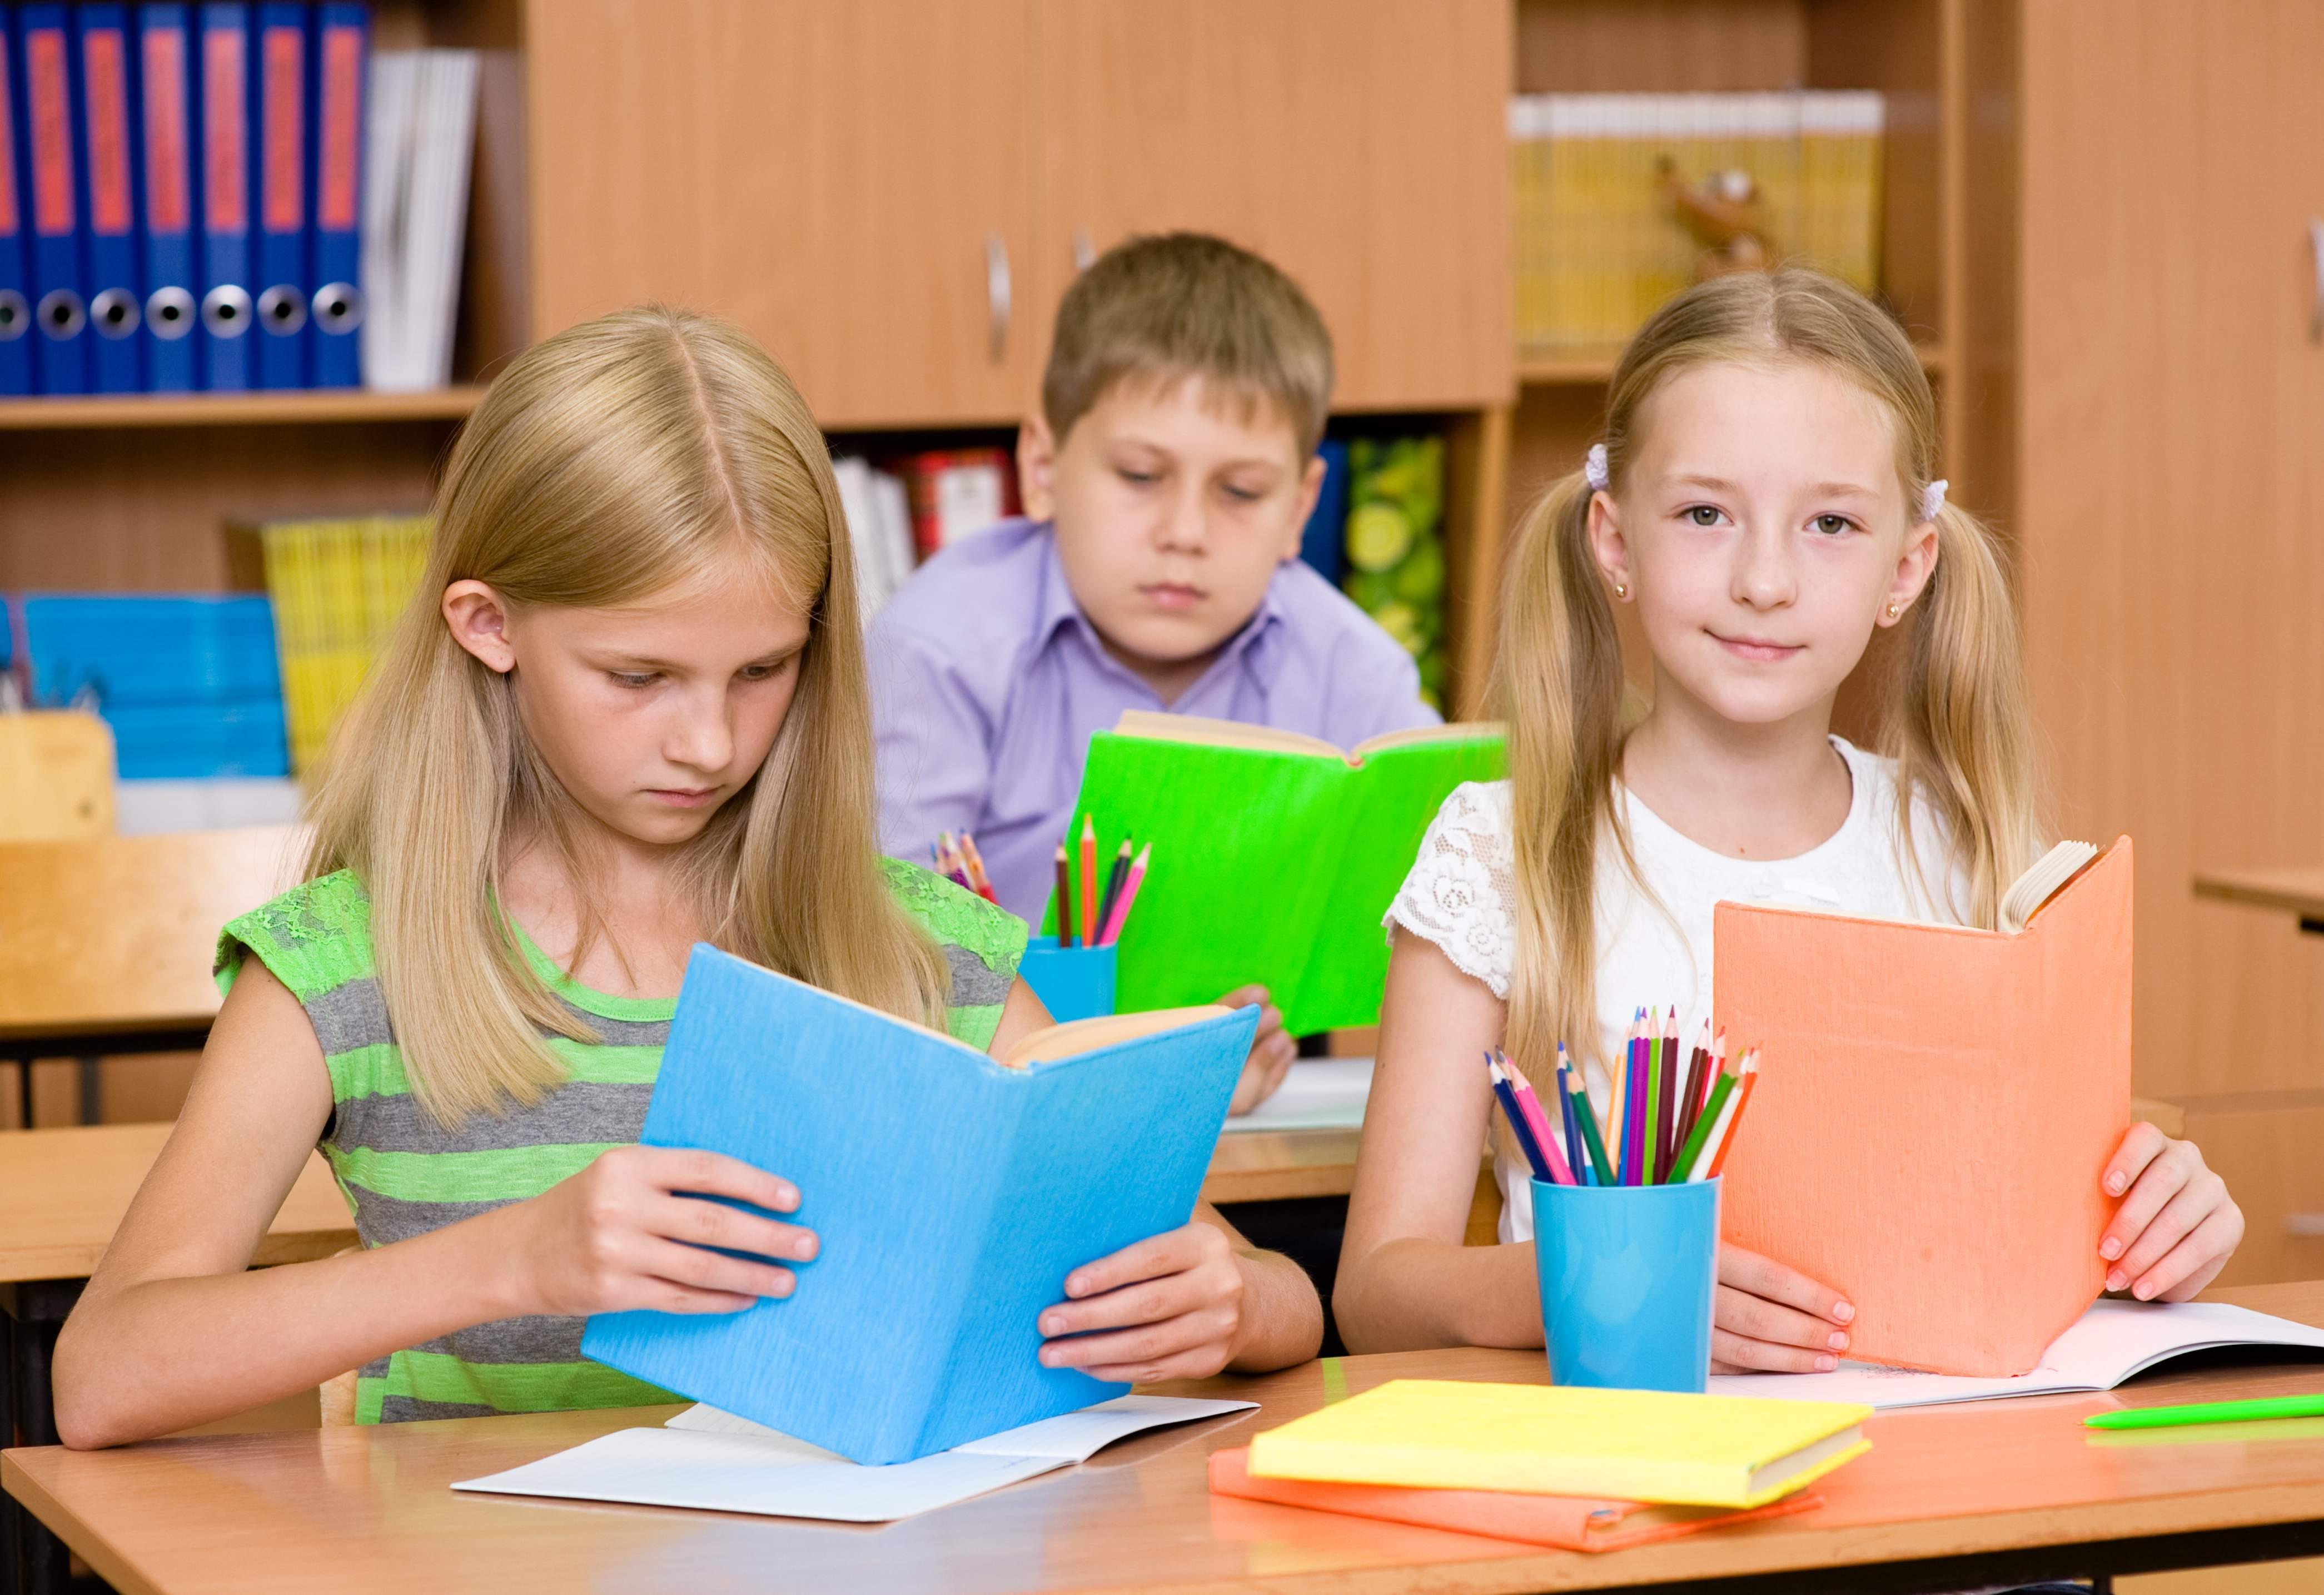 El próximo curso escolar comenzará en Educación Primaria el 9 de septiembre y concluirá el 19 de junio en la Comunidad de Madrid